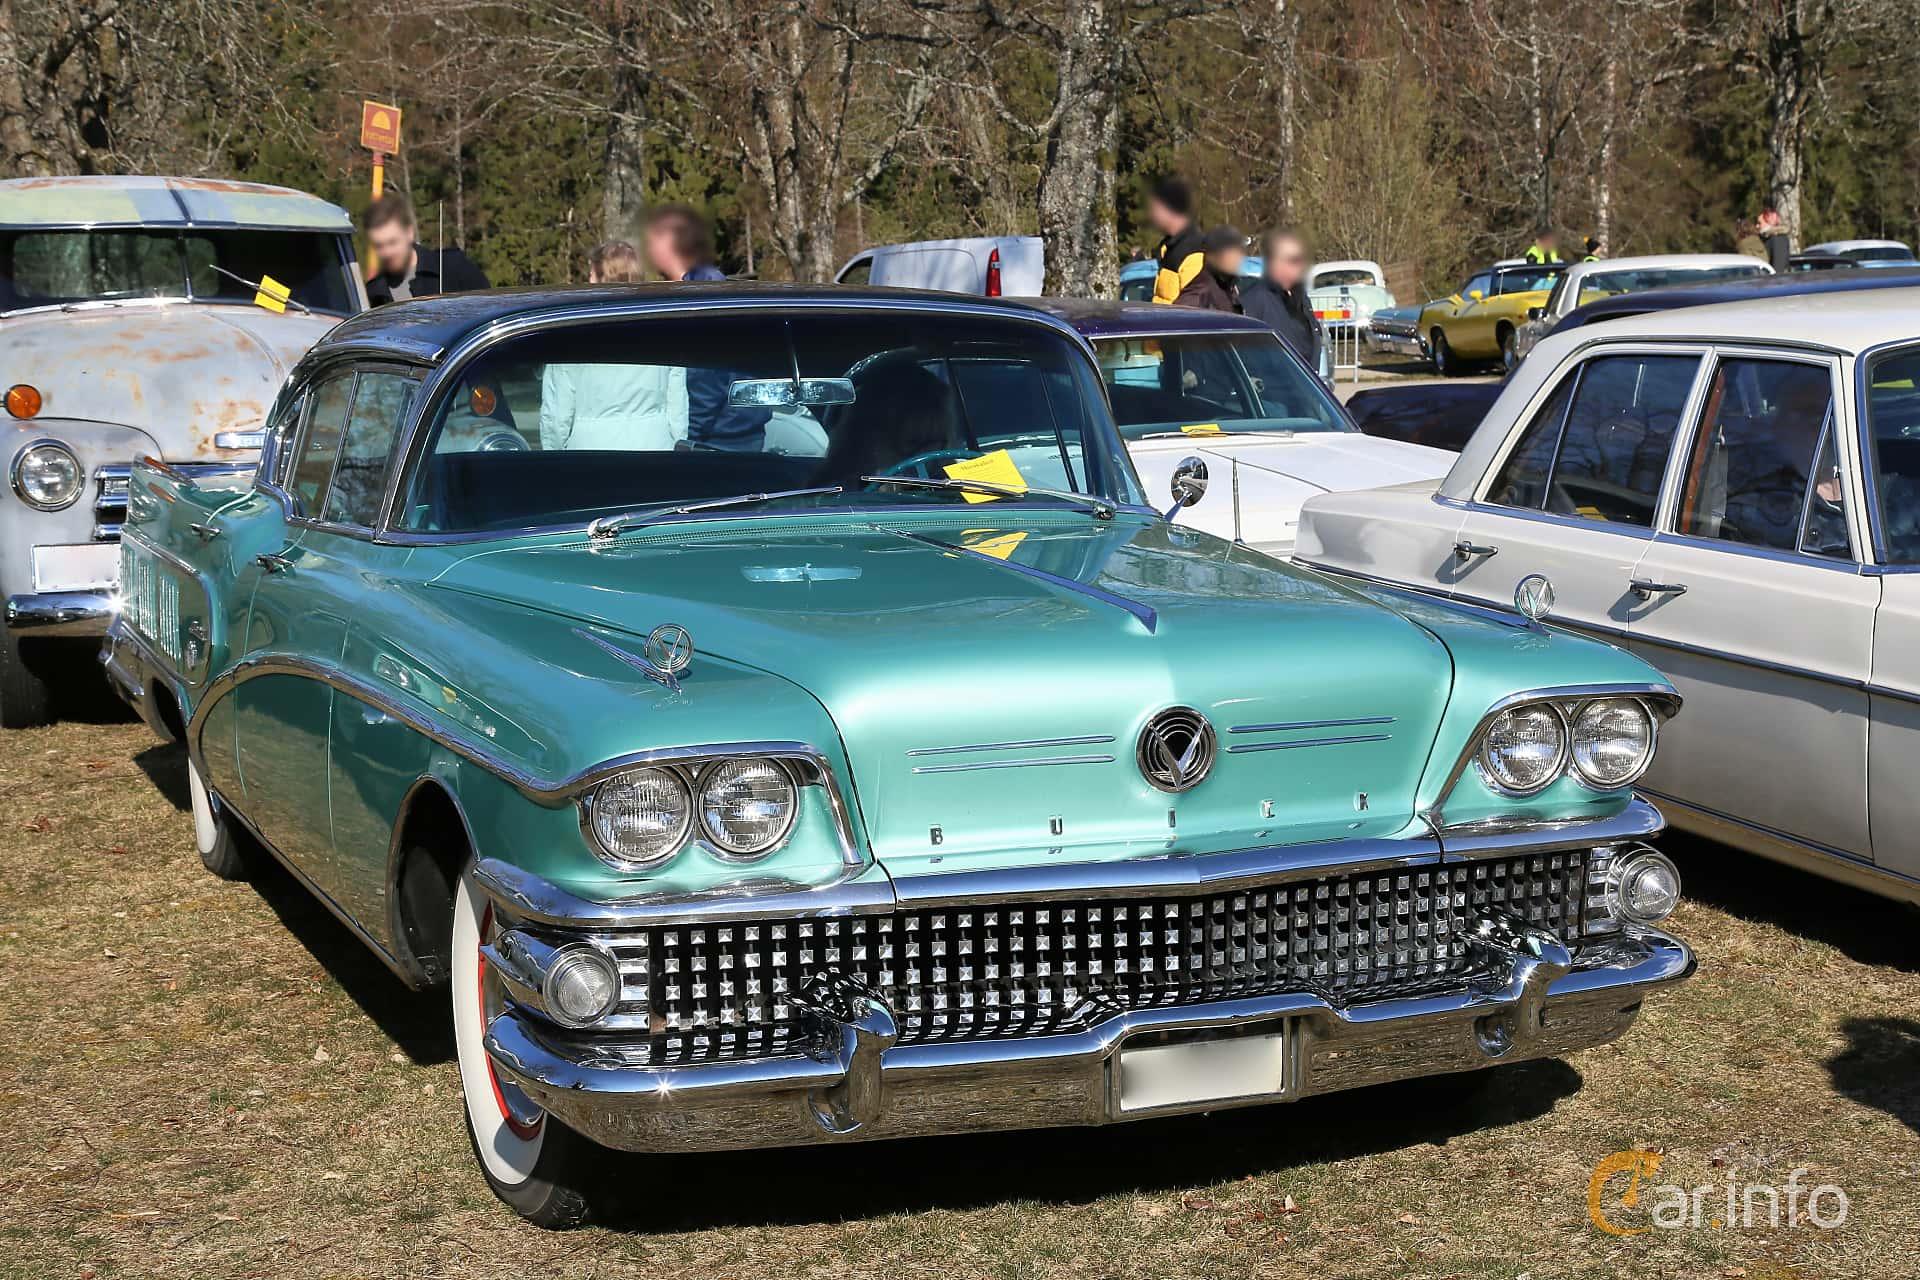 Buick Limited 4-door Riviera 6.0 V8 Automatic, 305hp, 1958 at Uddevalla Veteranbilsmarknad Backamo, Ljungsk 2019